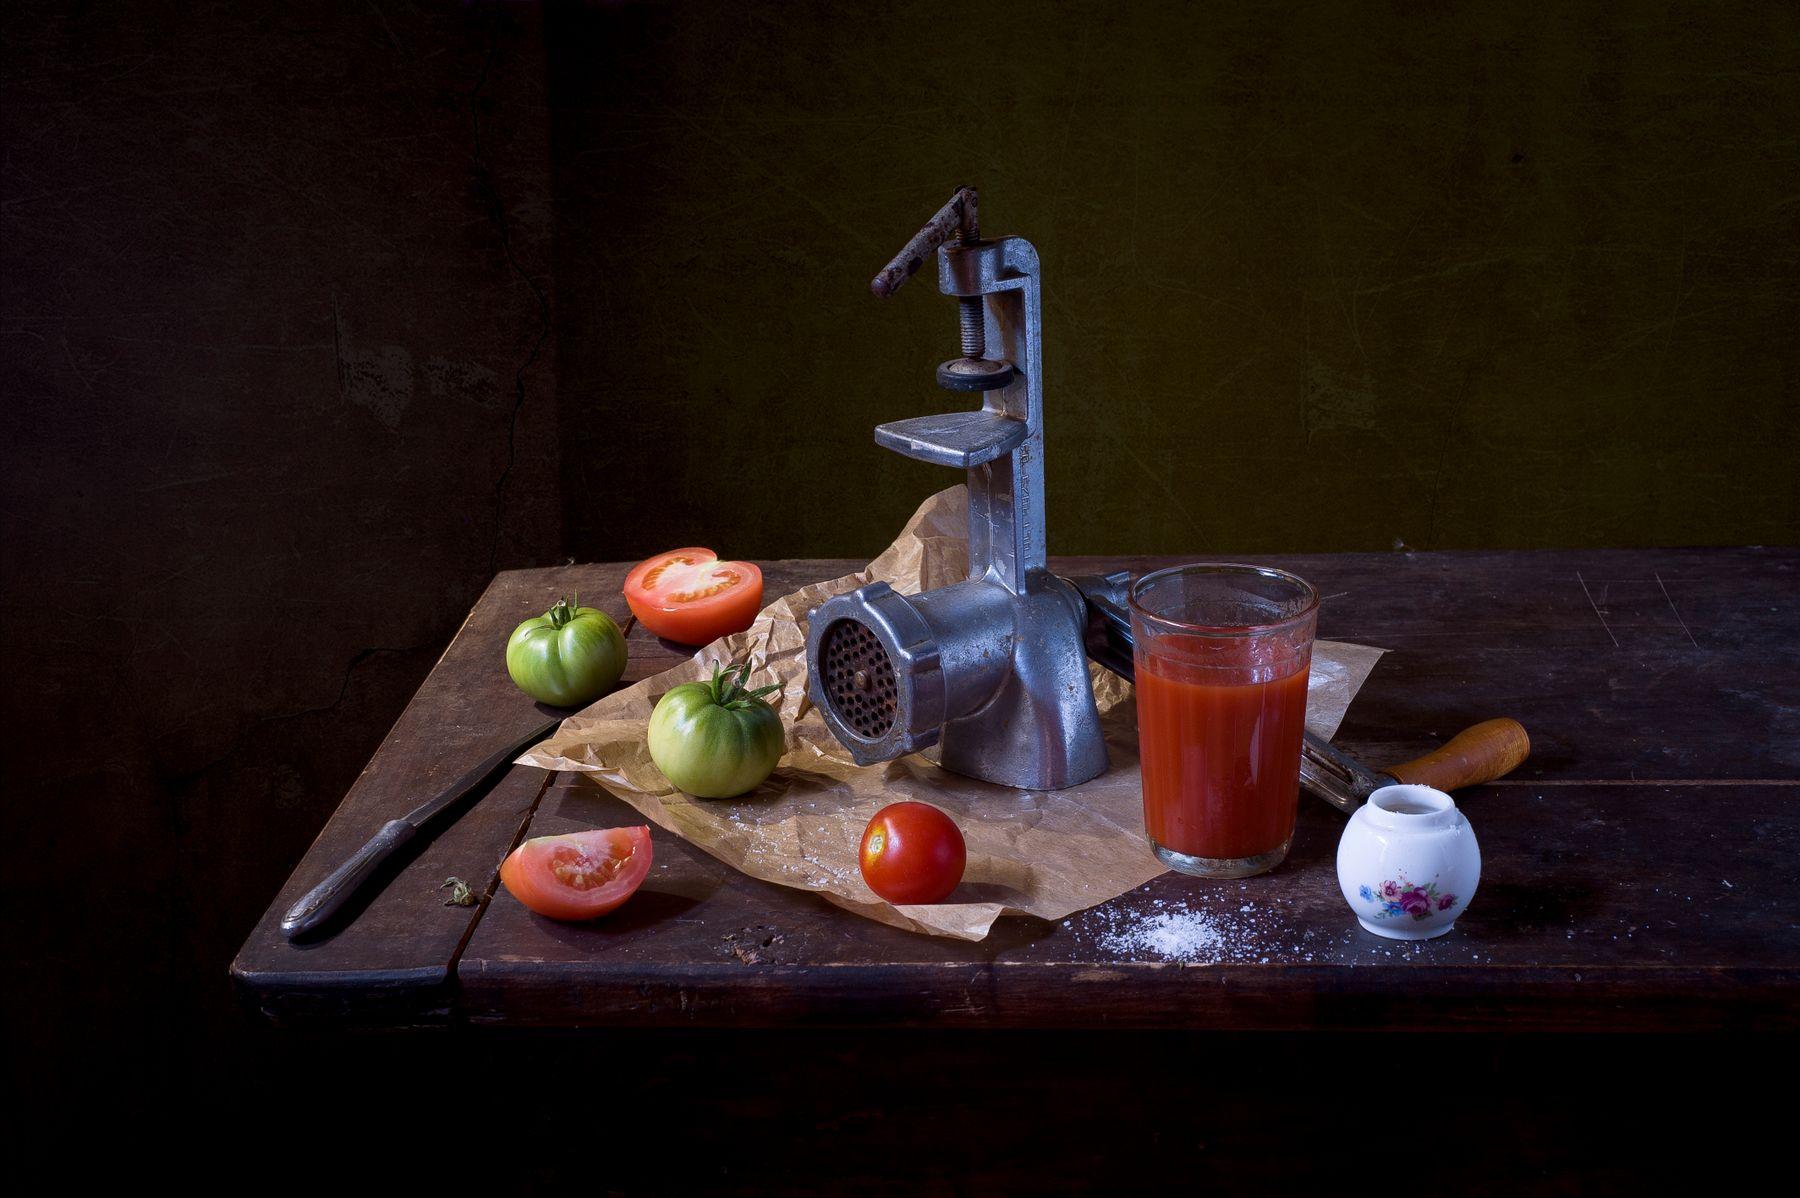 Томатный. мясорубка томатный сок помидоры соль нож бумага лето жара июль